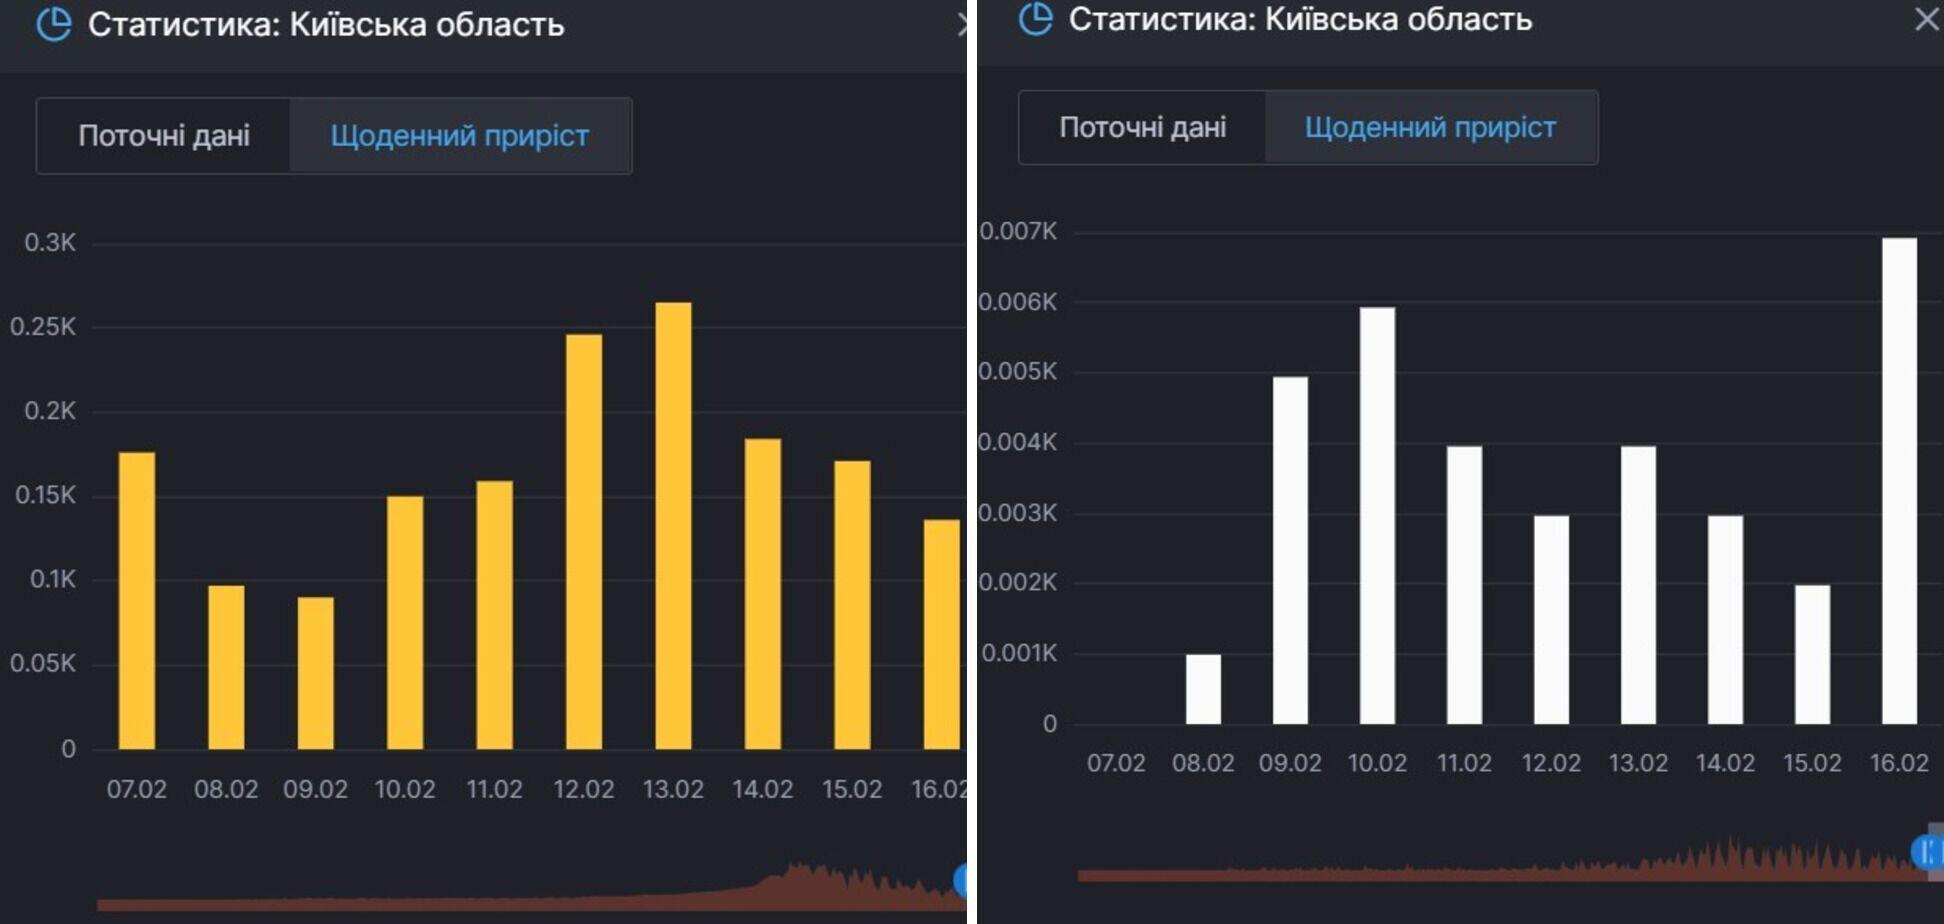 Прирост новых случаев коронавируса и смертей от него в Киевской области